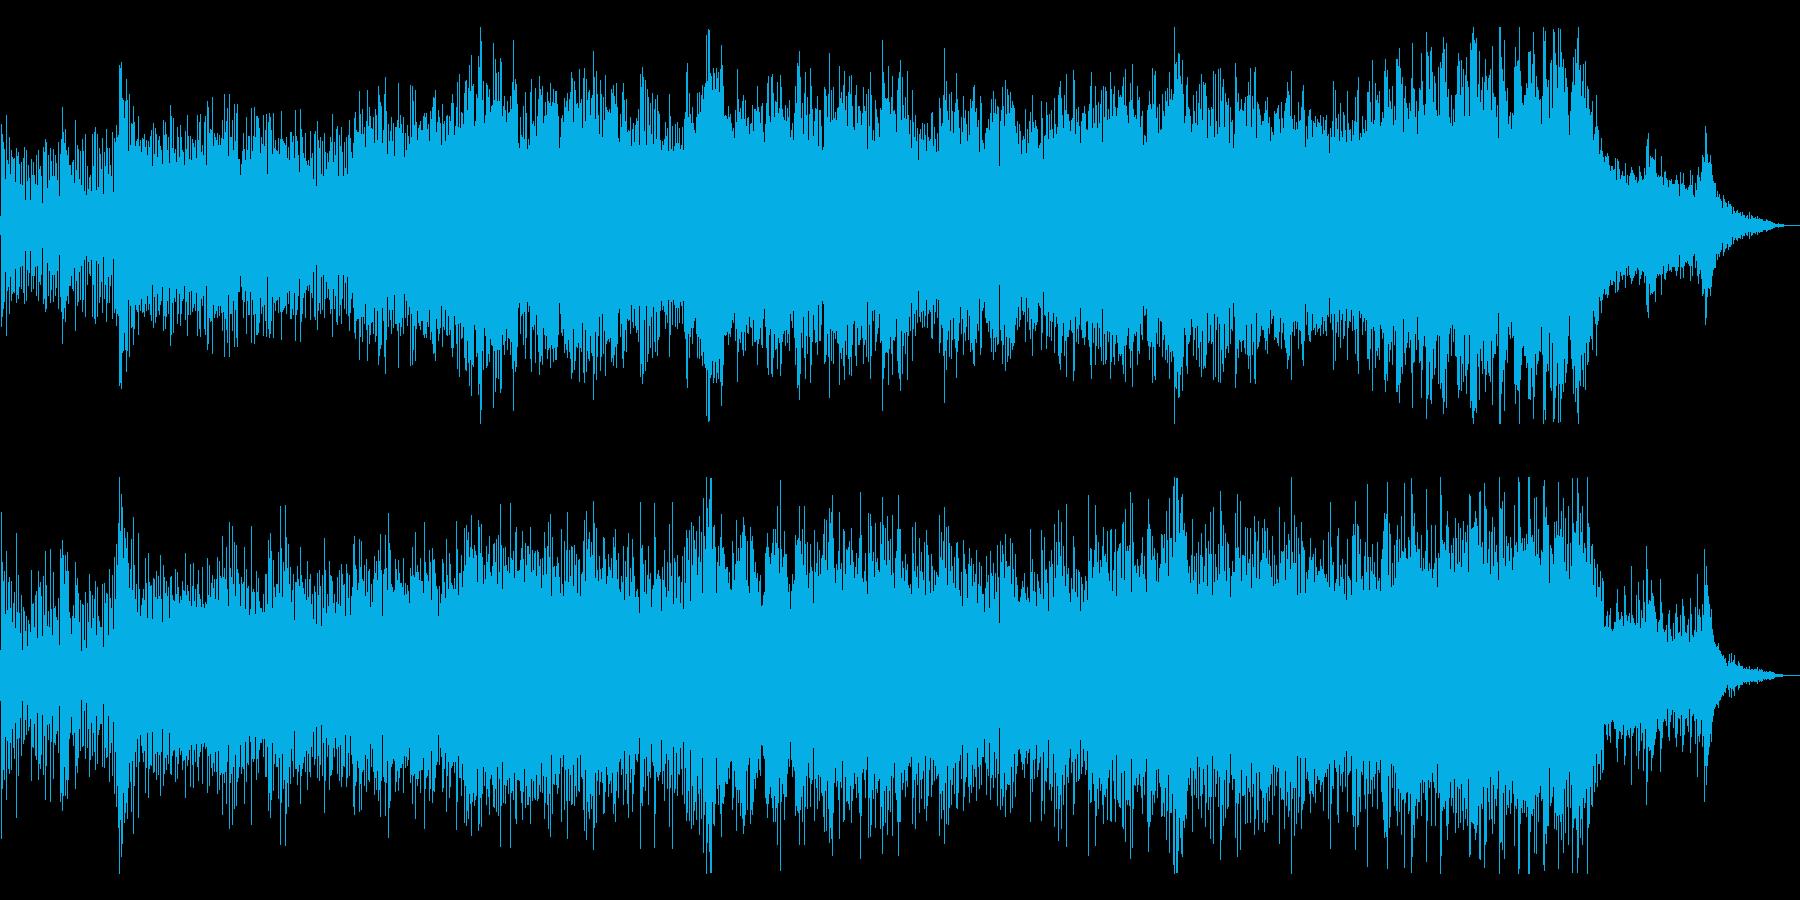 オーケストラによるドラマチックサウンドの再生済みの波形